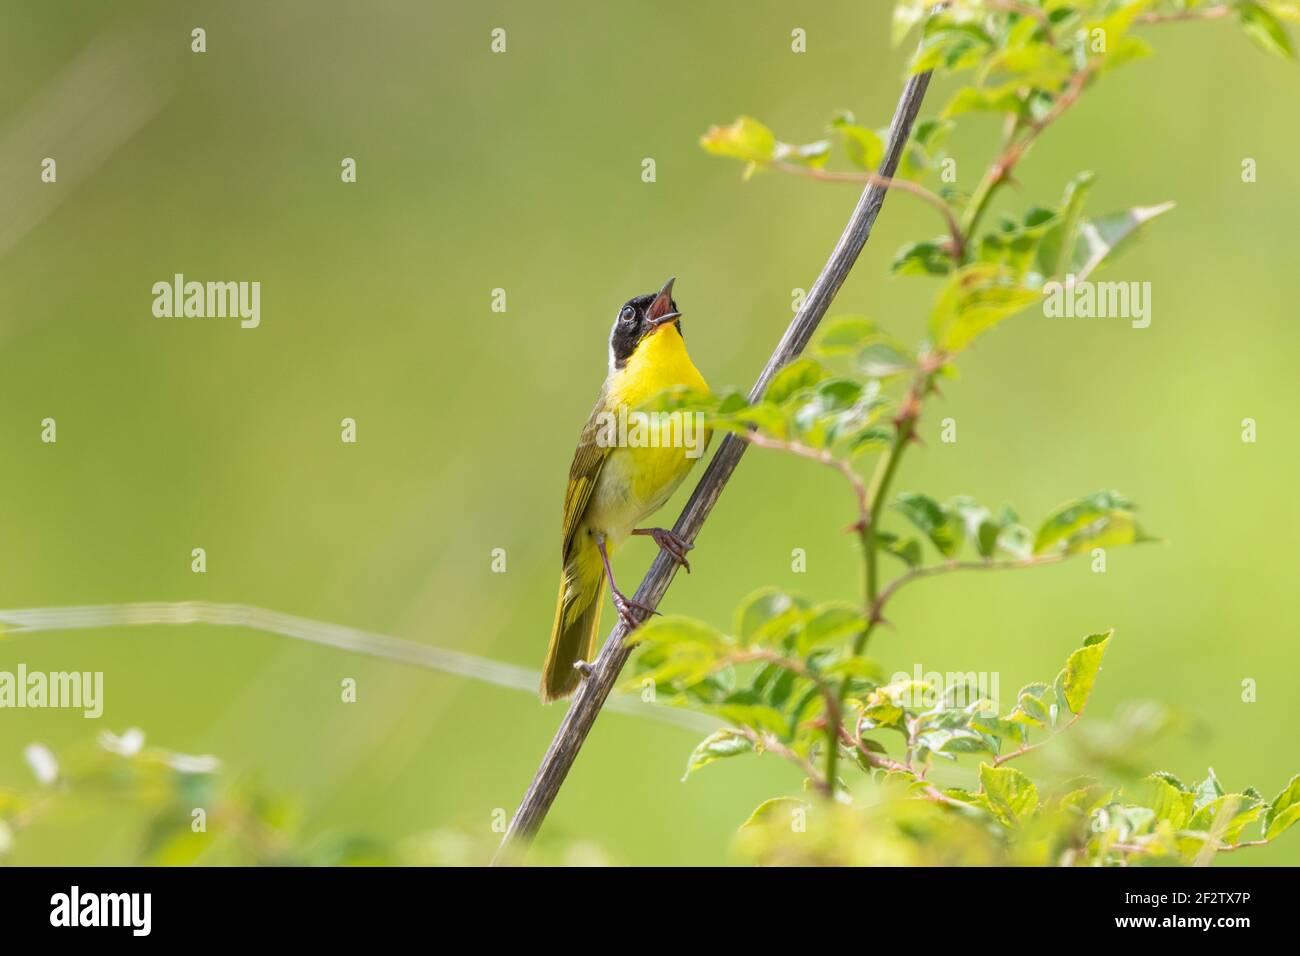 01490-00414 Gemeine Gelbkehlchen (Geothlypis trichas) männlicher Gesang in Prärie Marion Co. IL Stockfoto